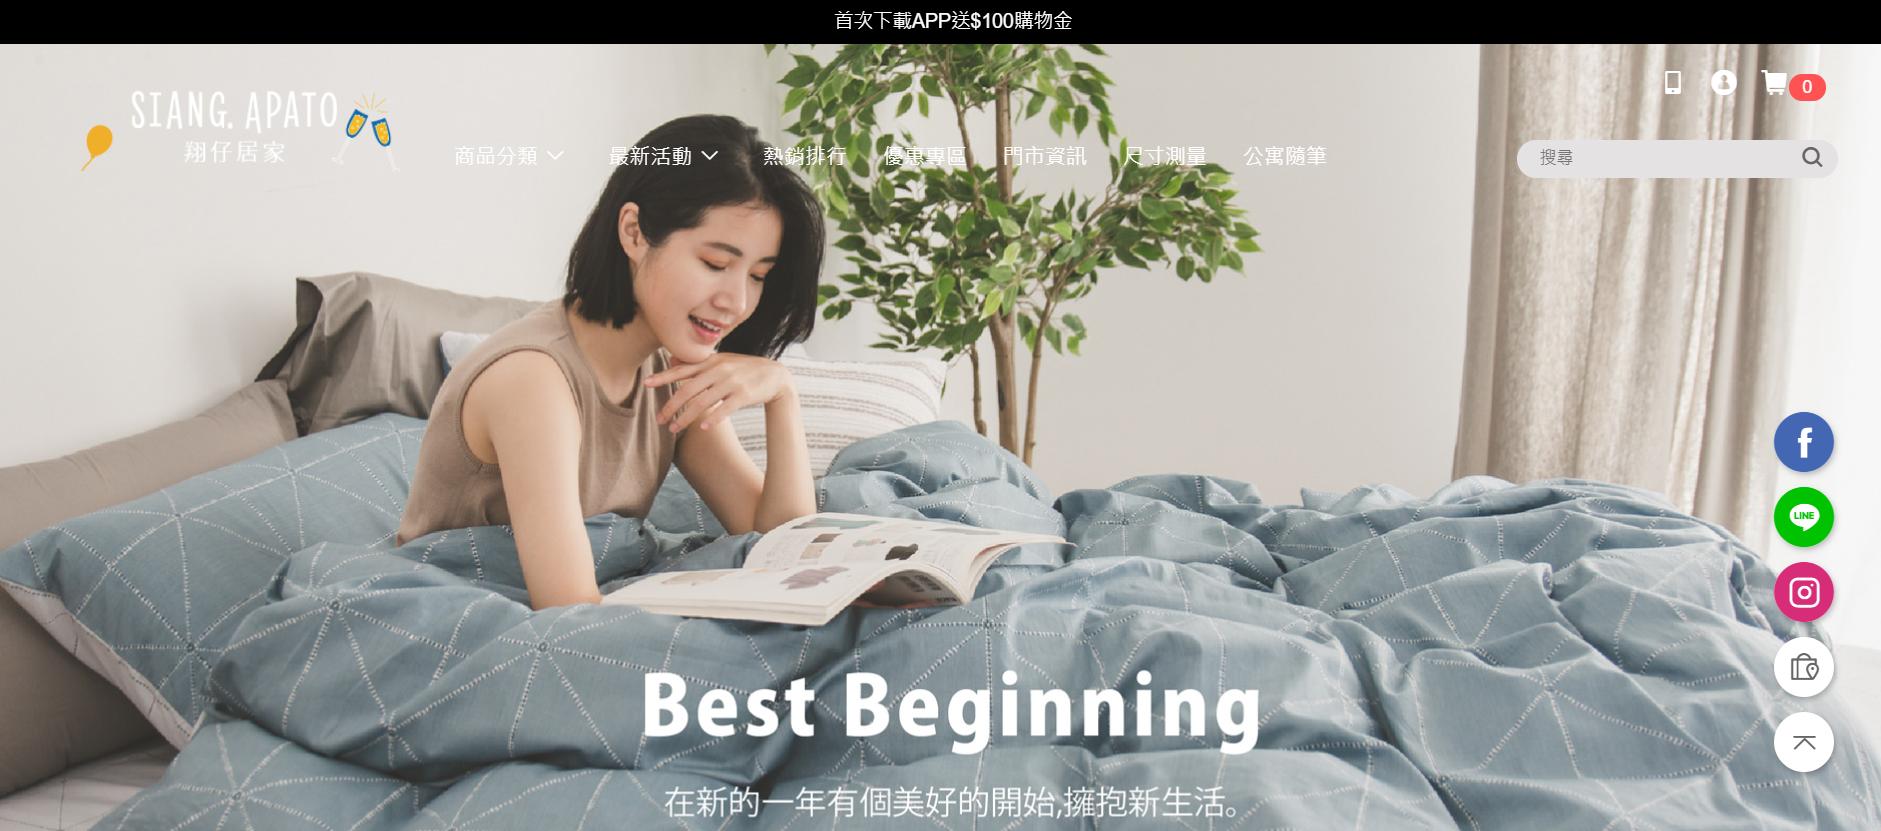 91APP 人氣店家 翔仔居家品牌官網